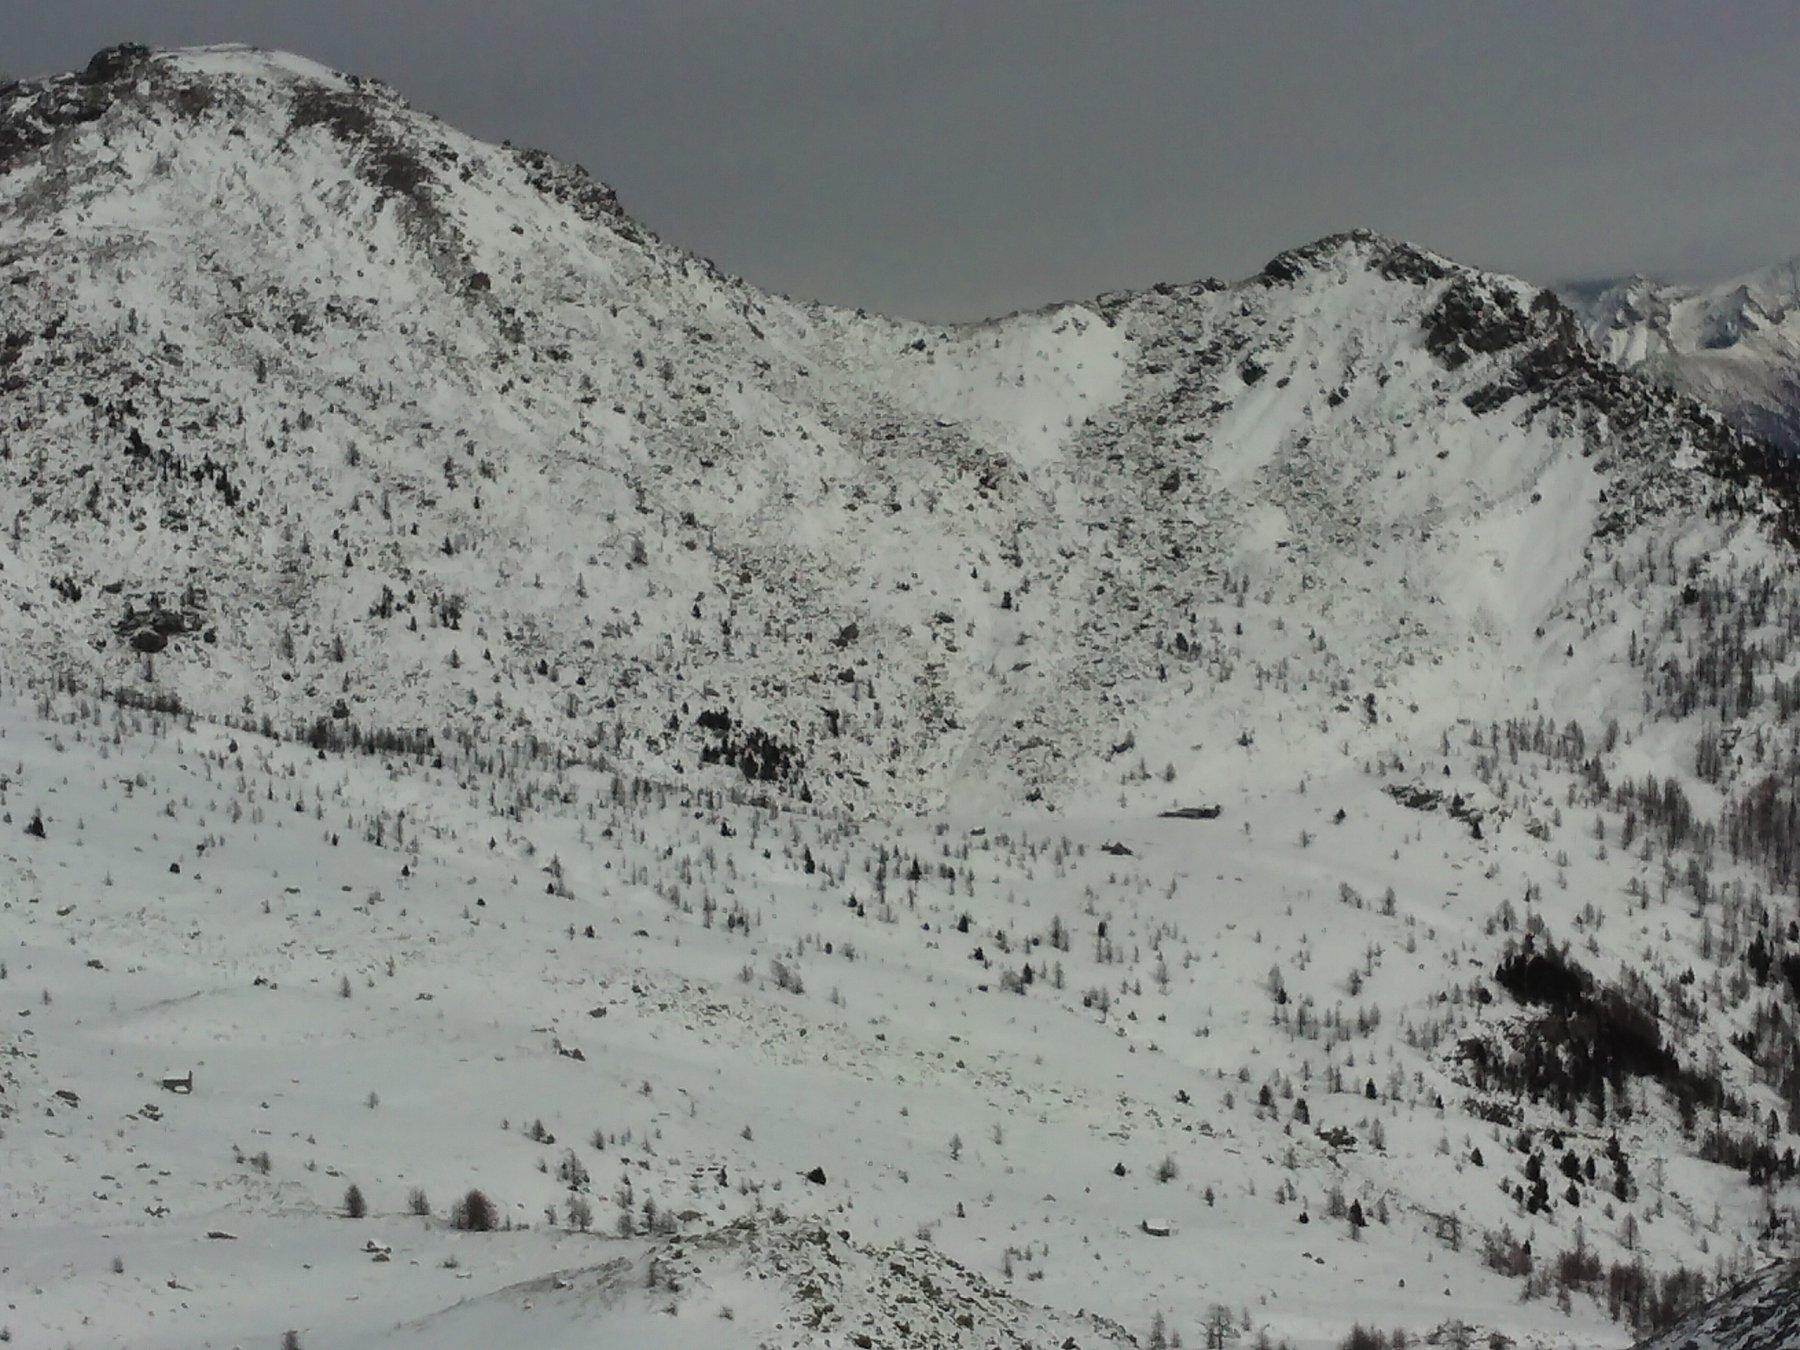 Poco a destra del centro-immagine, il piano del lago e del ristoro  Muffé visto dalla cima.